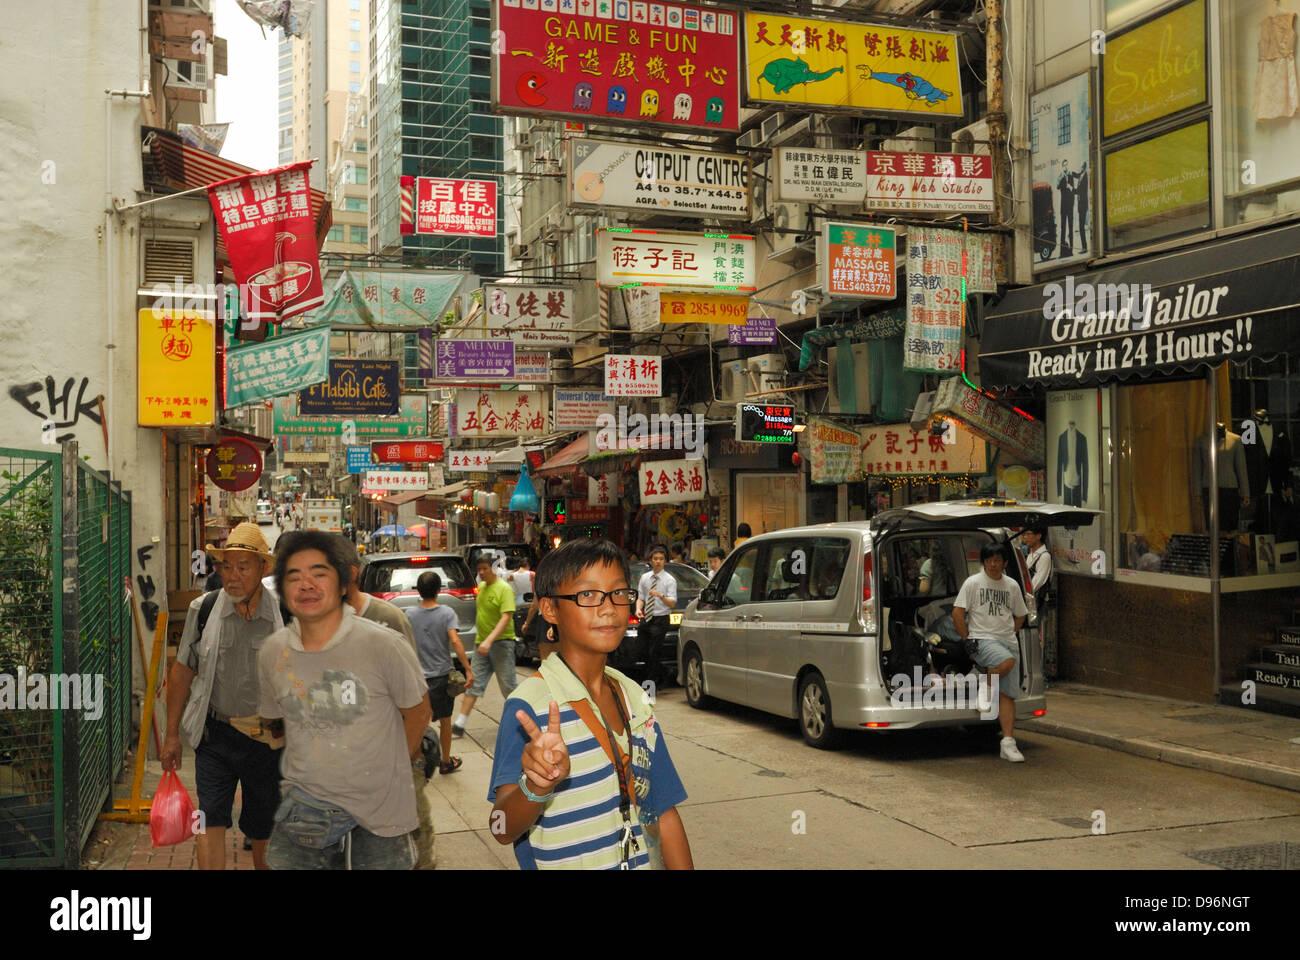 Young Asian boy giving peace sign to camera, Hong Kong China Stock ...